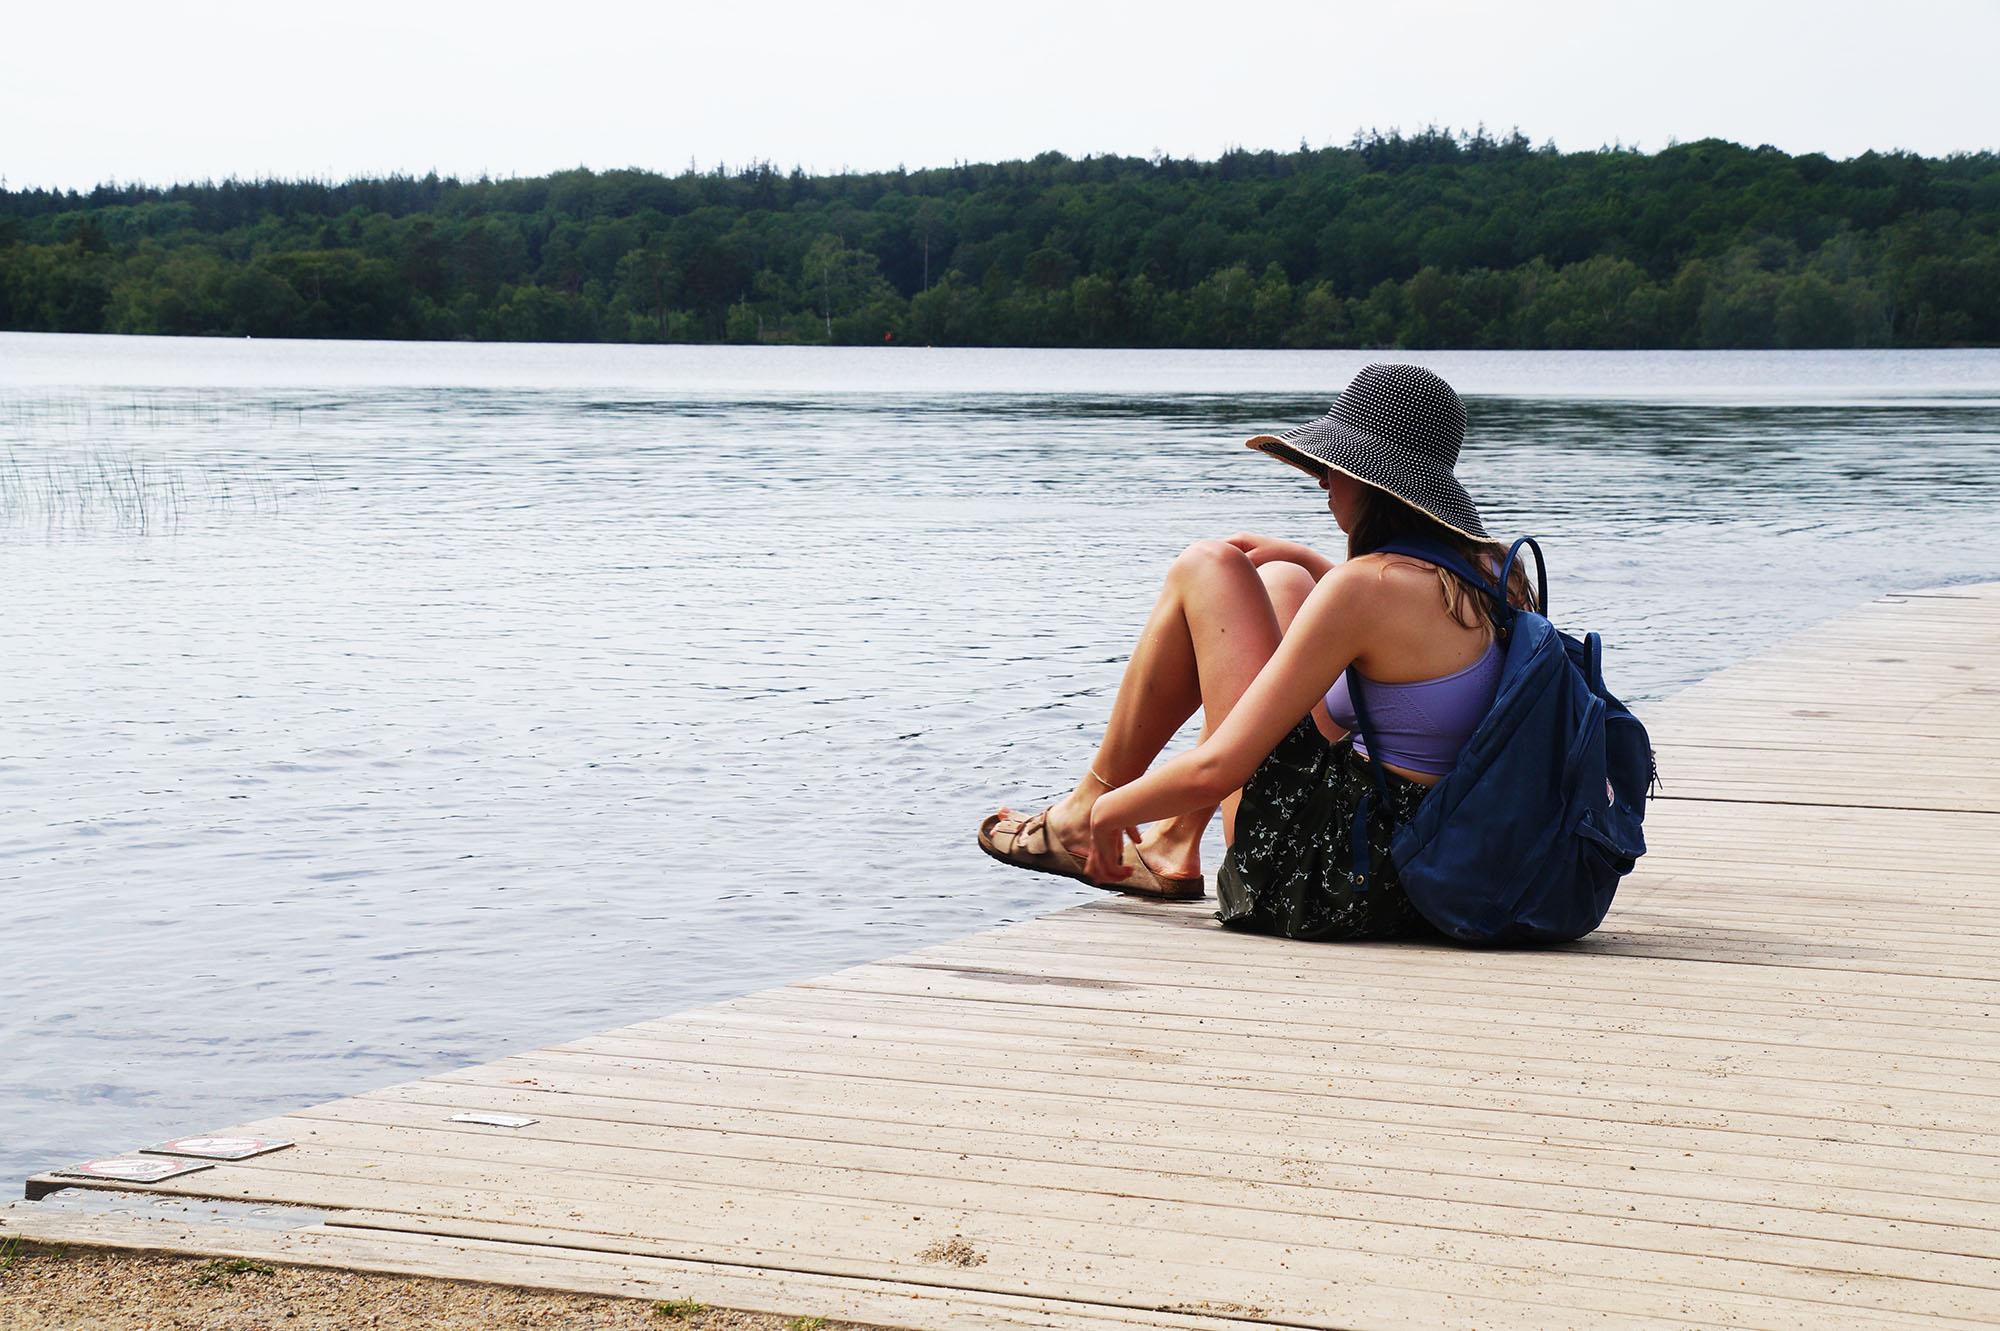 Efter maden tog vi til Store Okssø for at bade og slikke sol om eftermiddagen <3 <3 Det er fantastisk at bade på en lummer sommerdag, og alle vores tips passer selvfølgelig også til en dag på stranden.